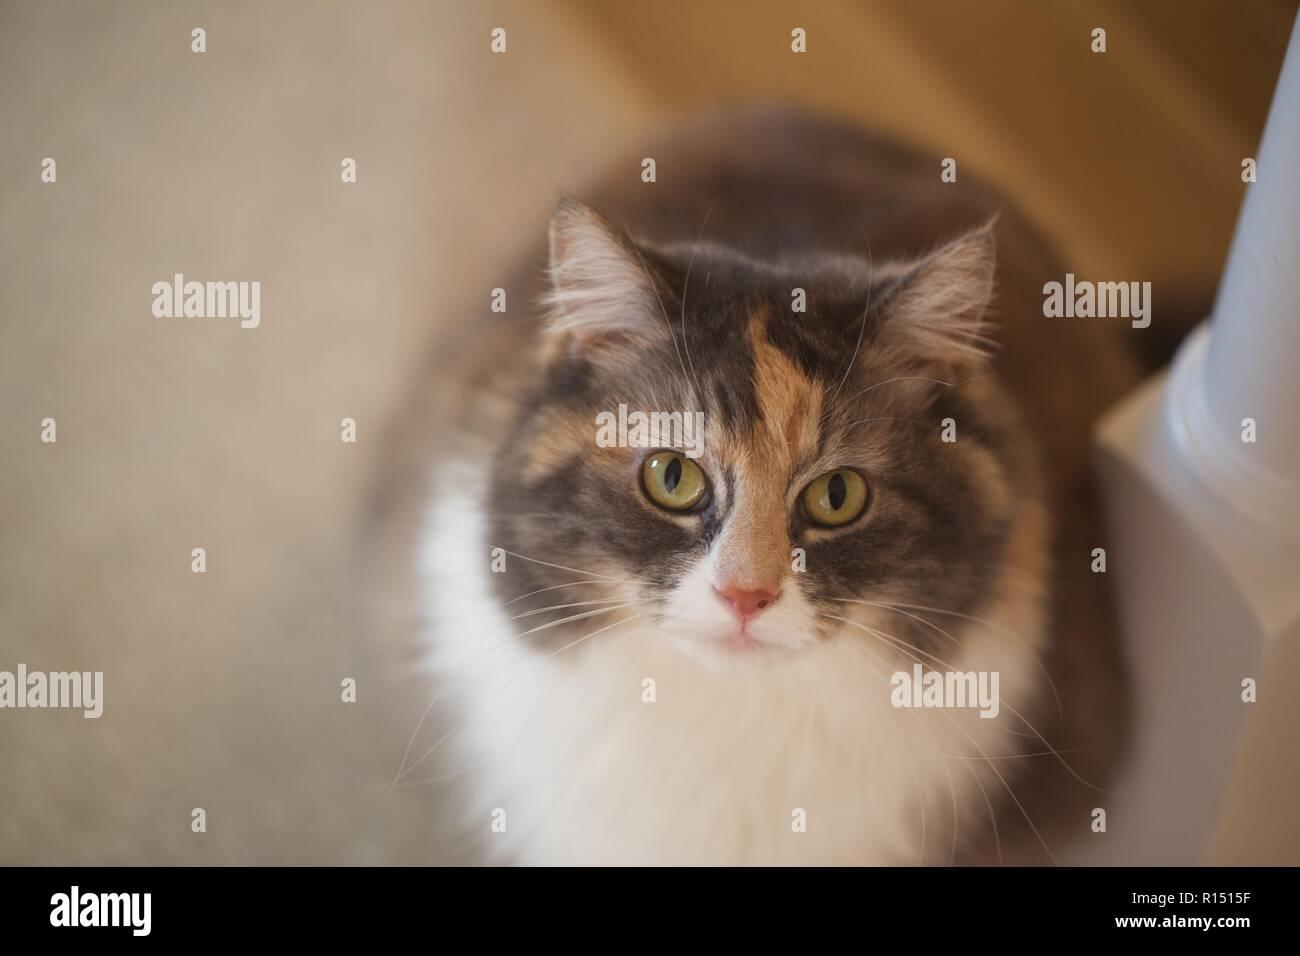 Dusky, des yeux de chat à la recherche dans l'objectif de l'appareil photo Banque D'Images